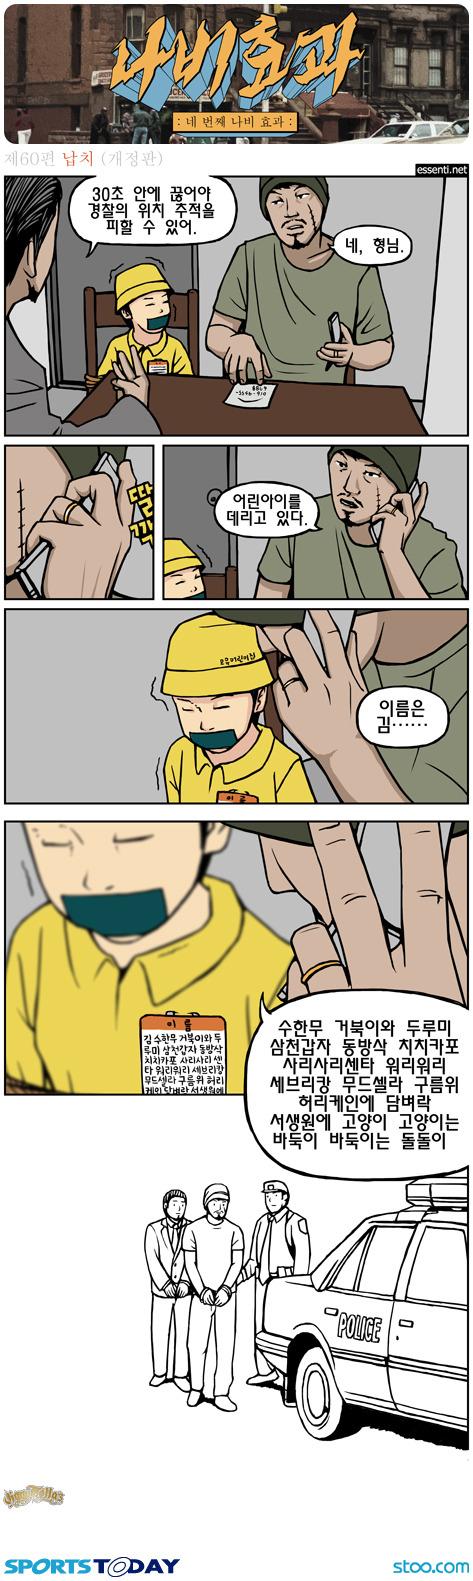 납치.jpg